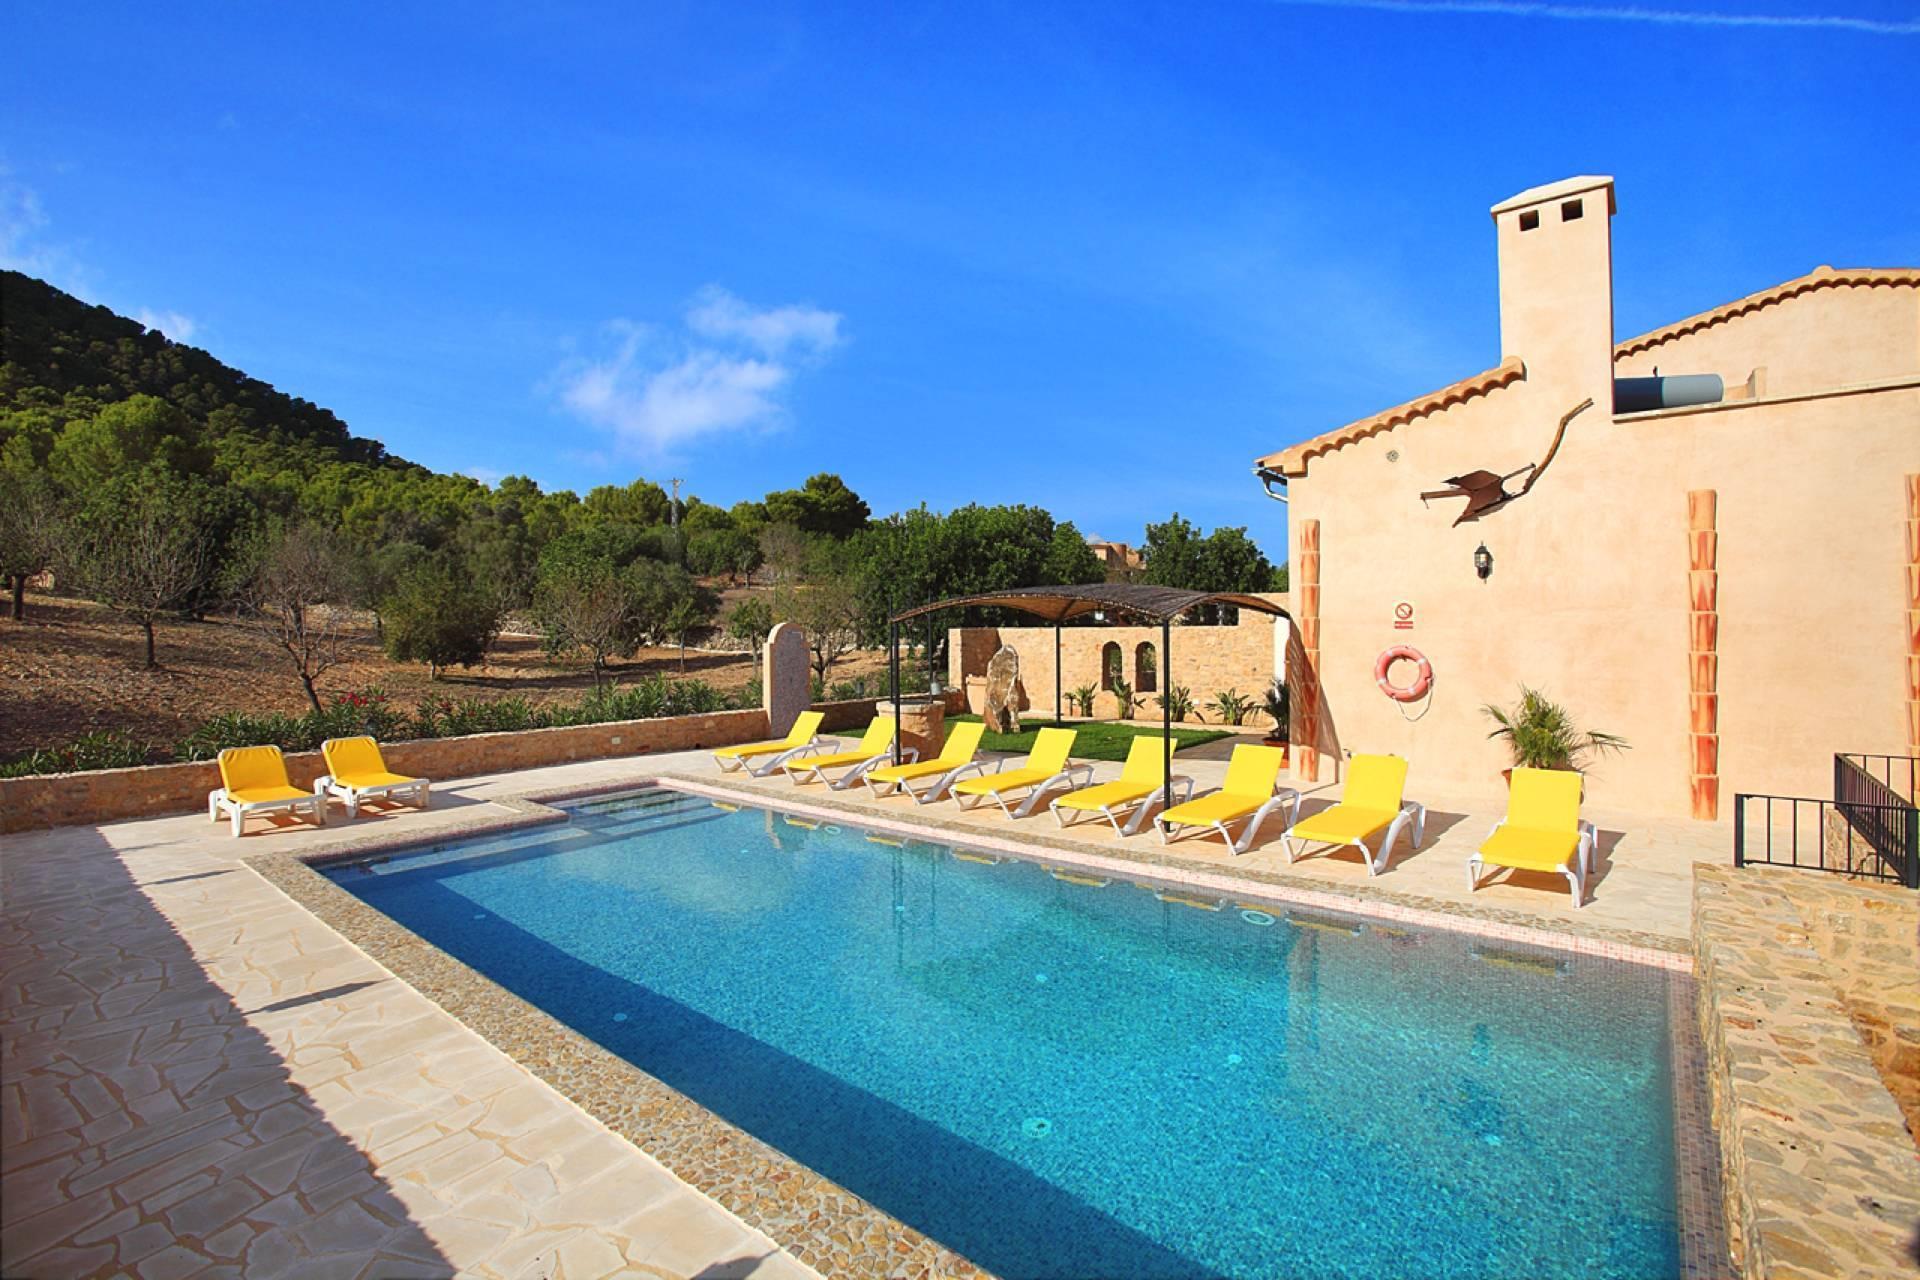 01-159 Ländliches Ferienhaus Mallorca Osten Bild 9